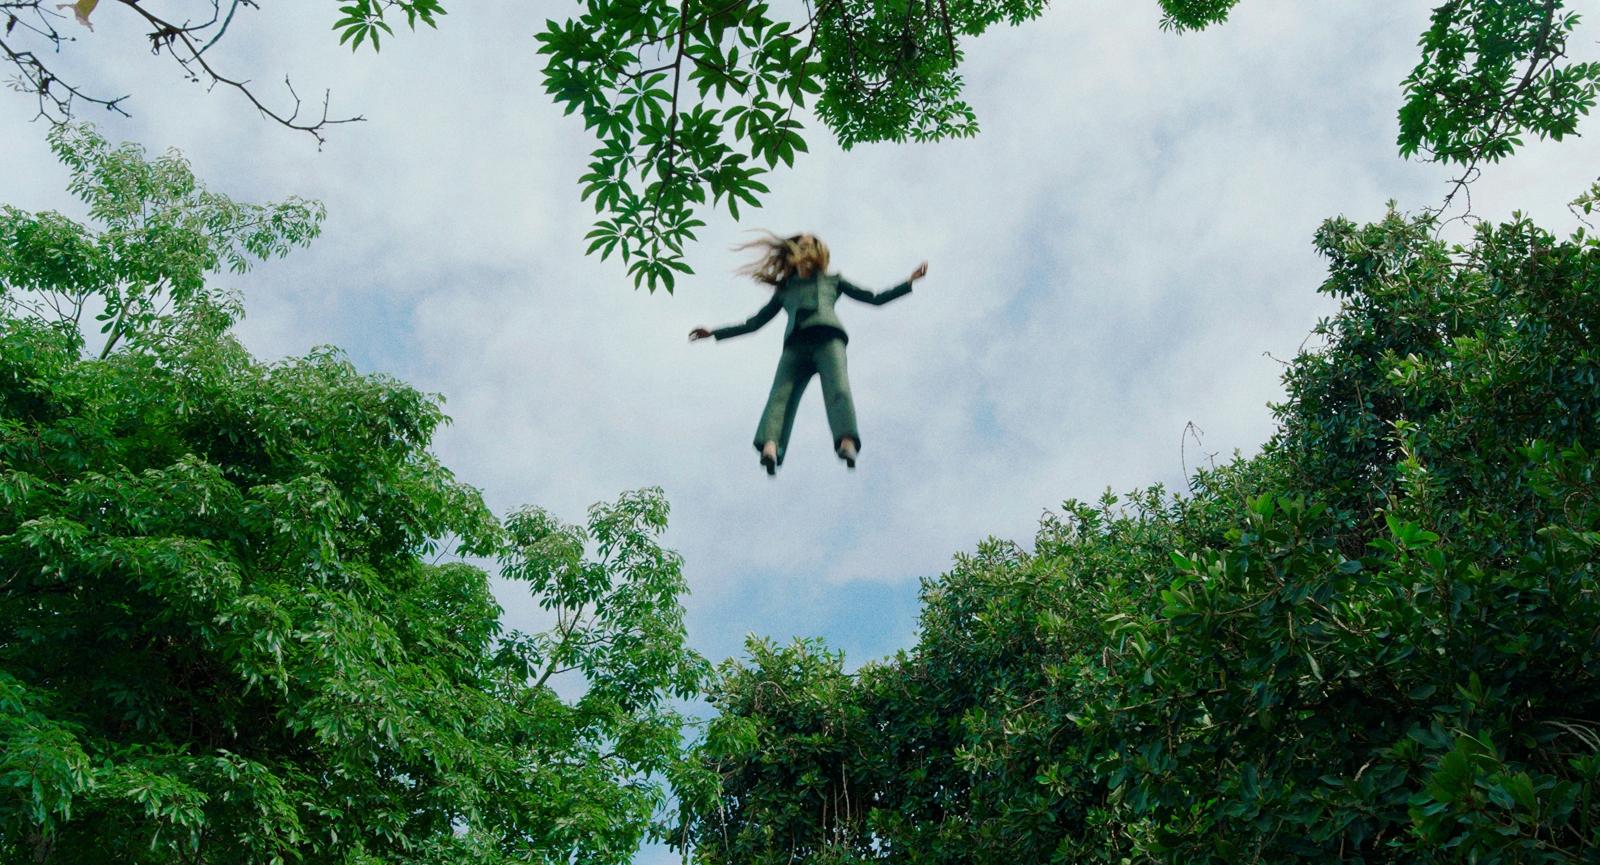 ALEX PRAGER, Play the Wind, 2019 (film still)